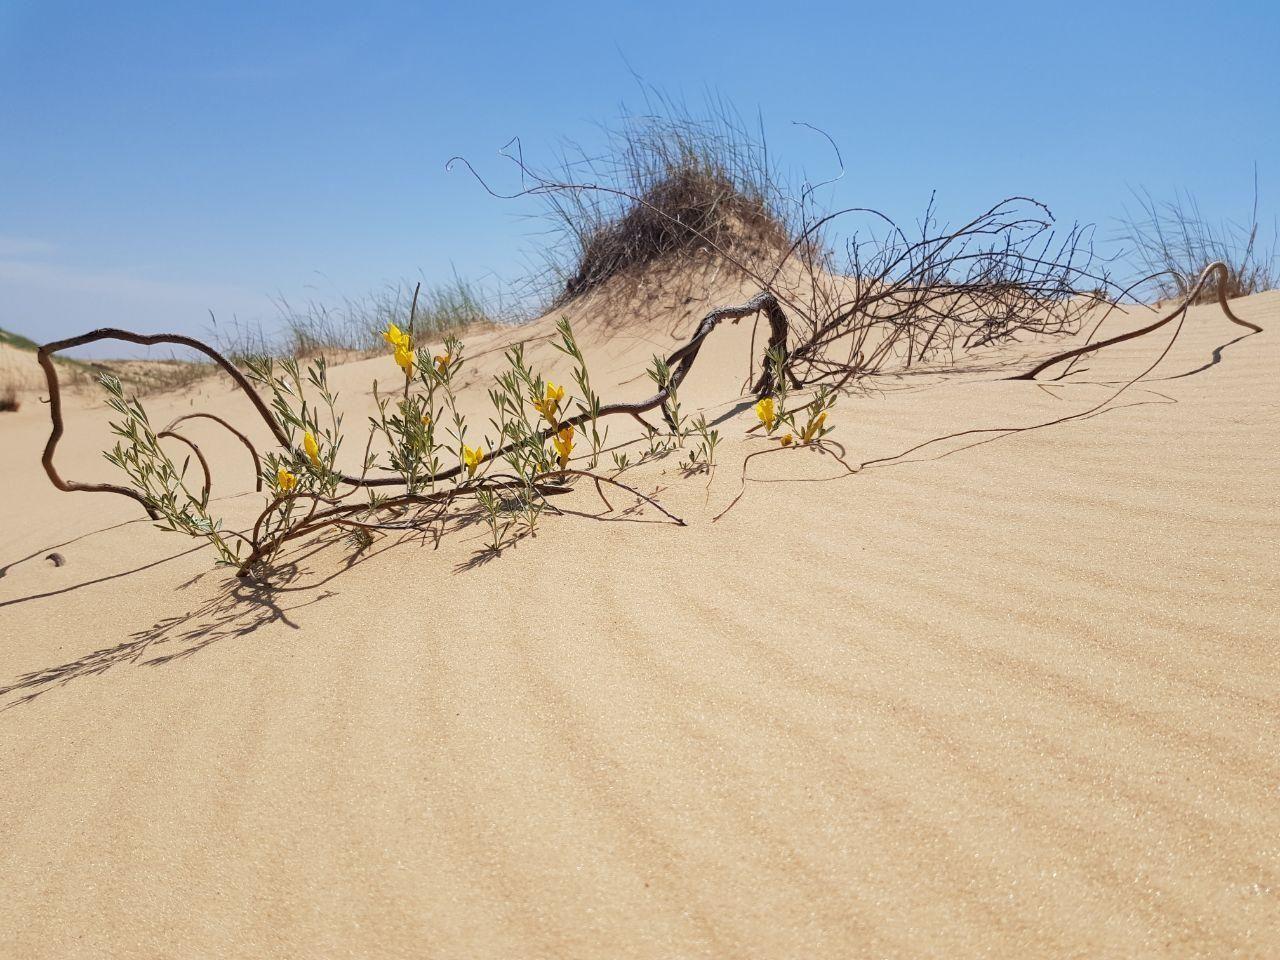 Олешківські піски_5